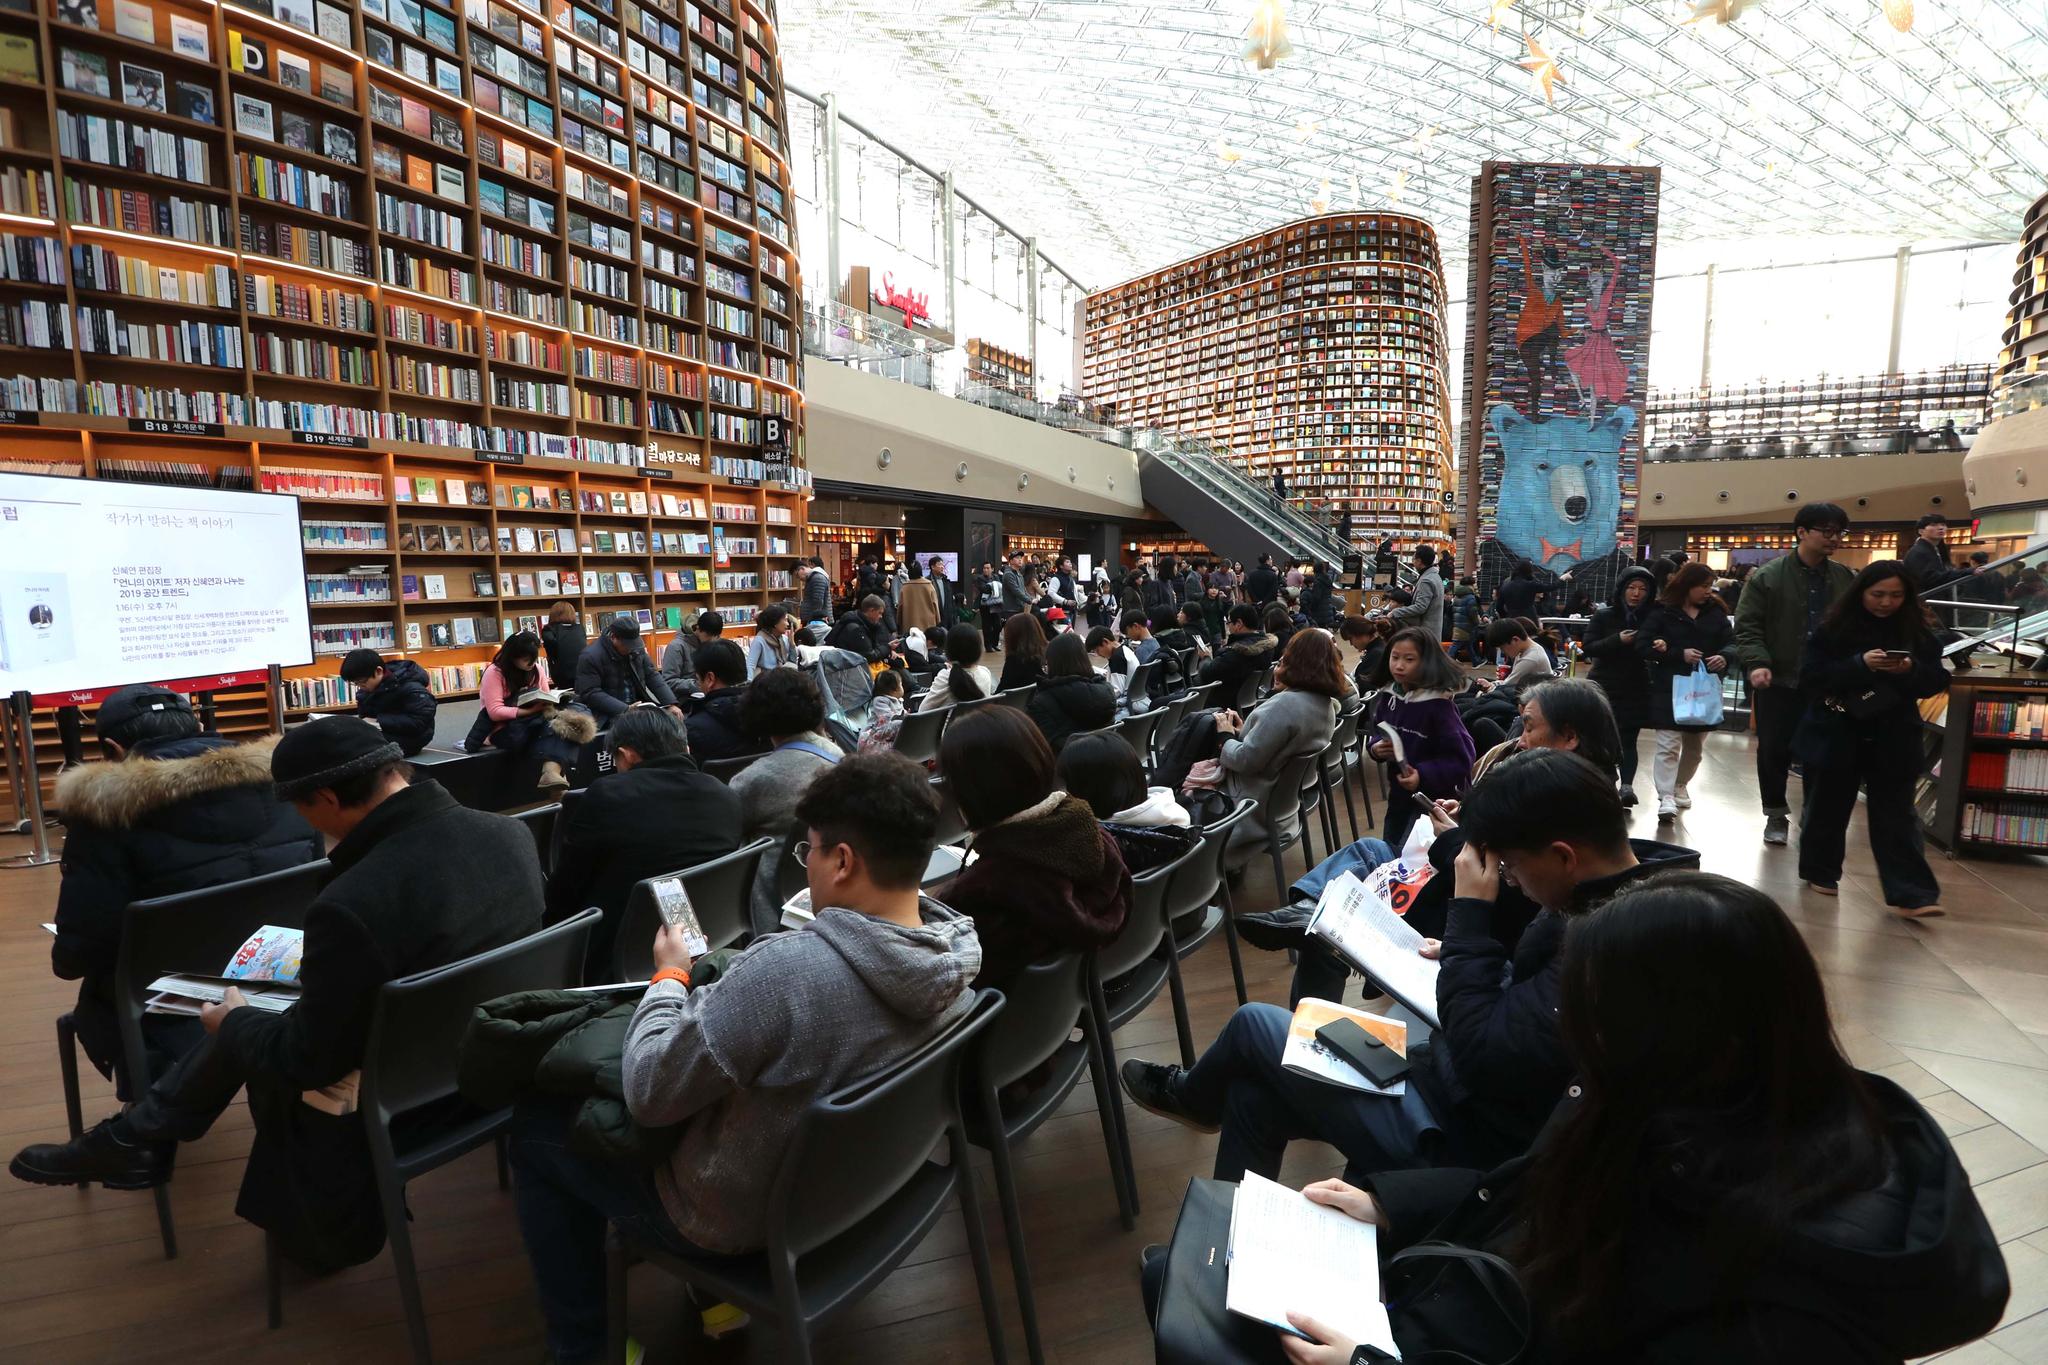 13일 바깥 활동이 어려워지자 시민들이 서울 삼성동 코엑스 지하에 위치한 별마당도서관에서 책을 보며 휴일을 보내고 있다. 김상선 기자